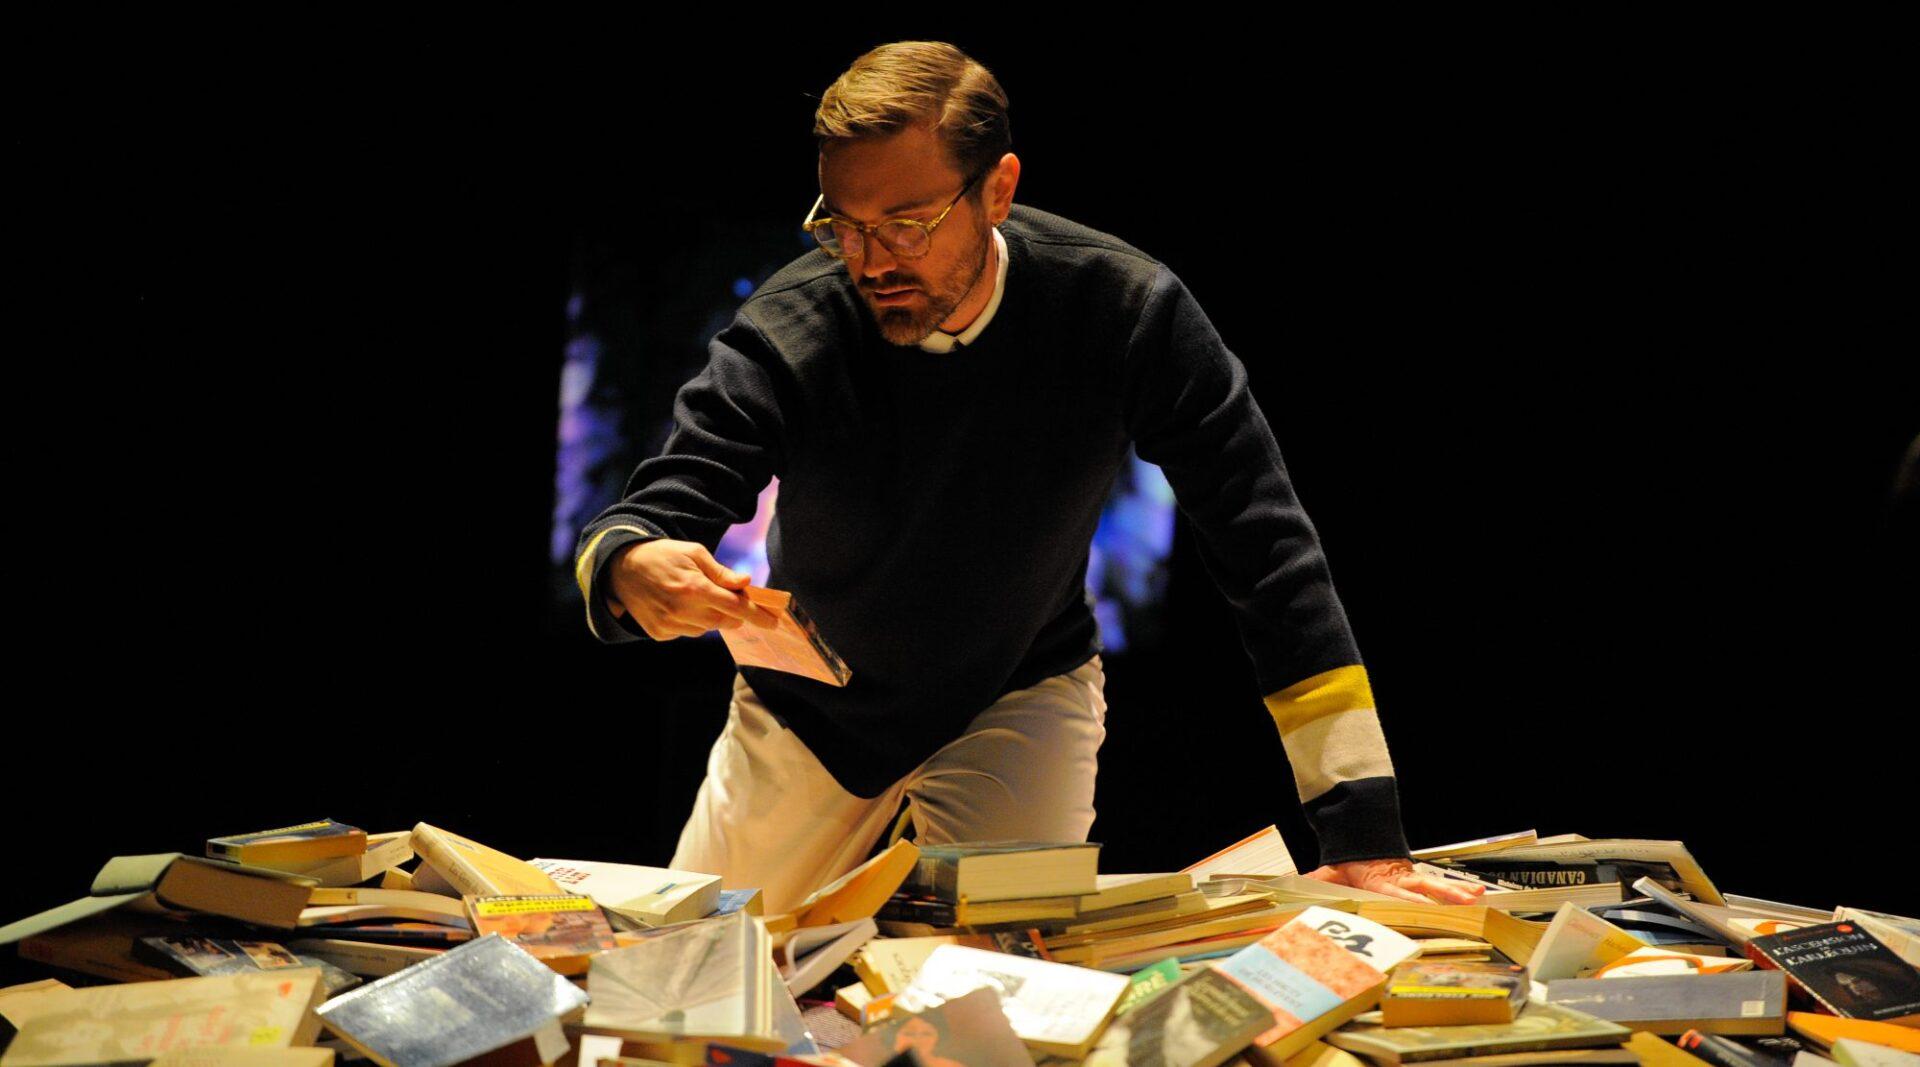 Des acteurs et des livres pour improviser du théâtre